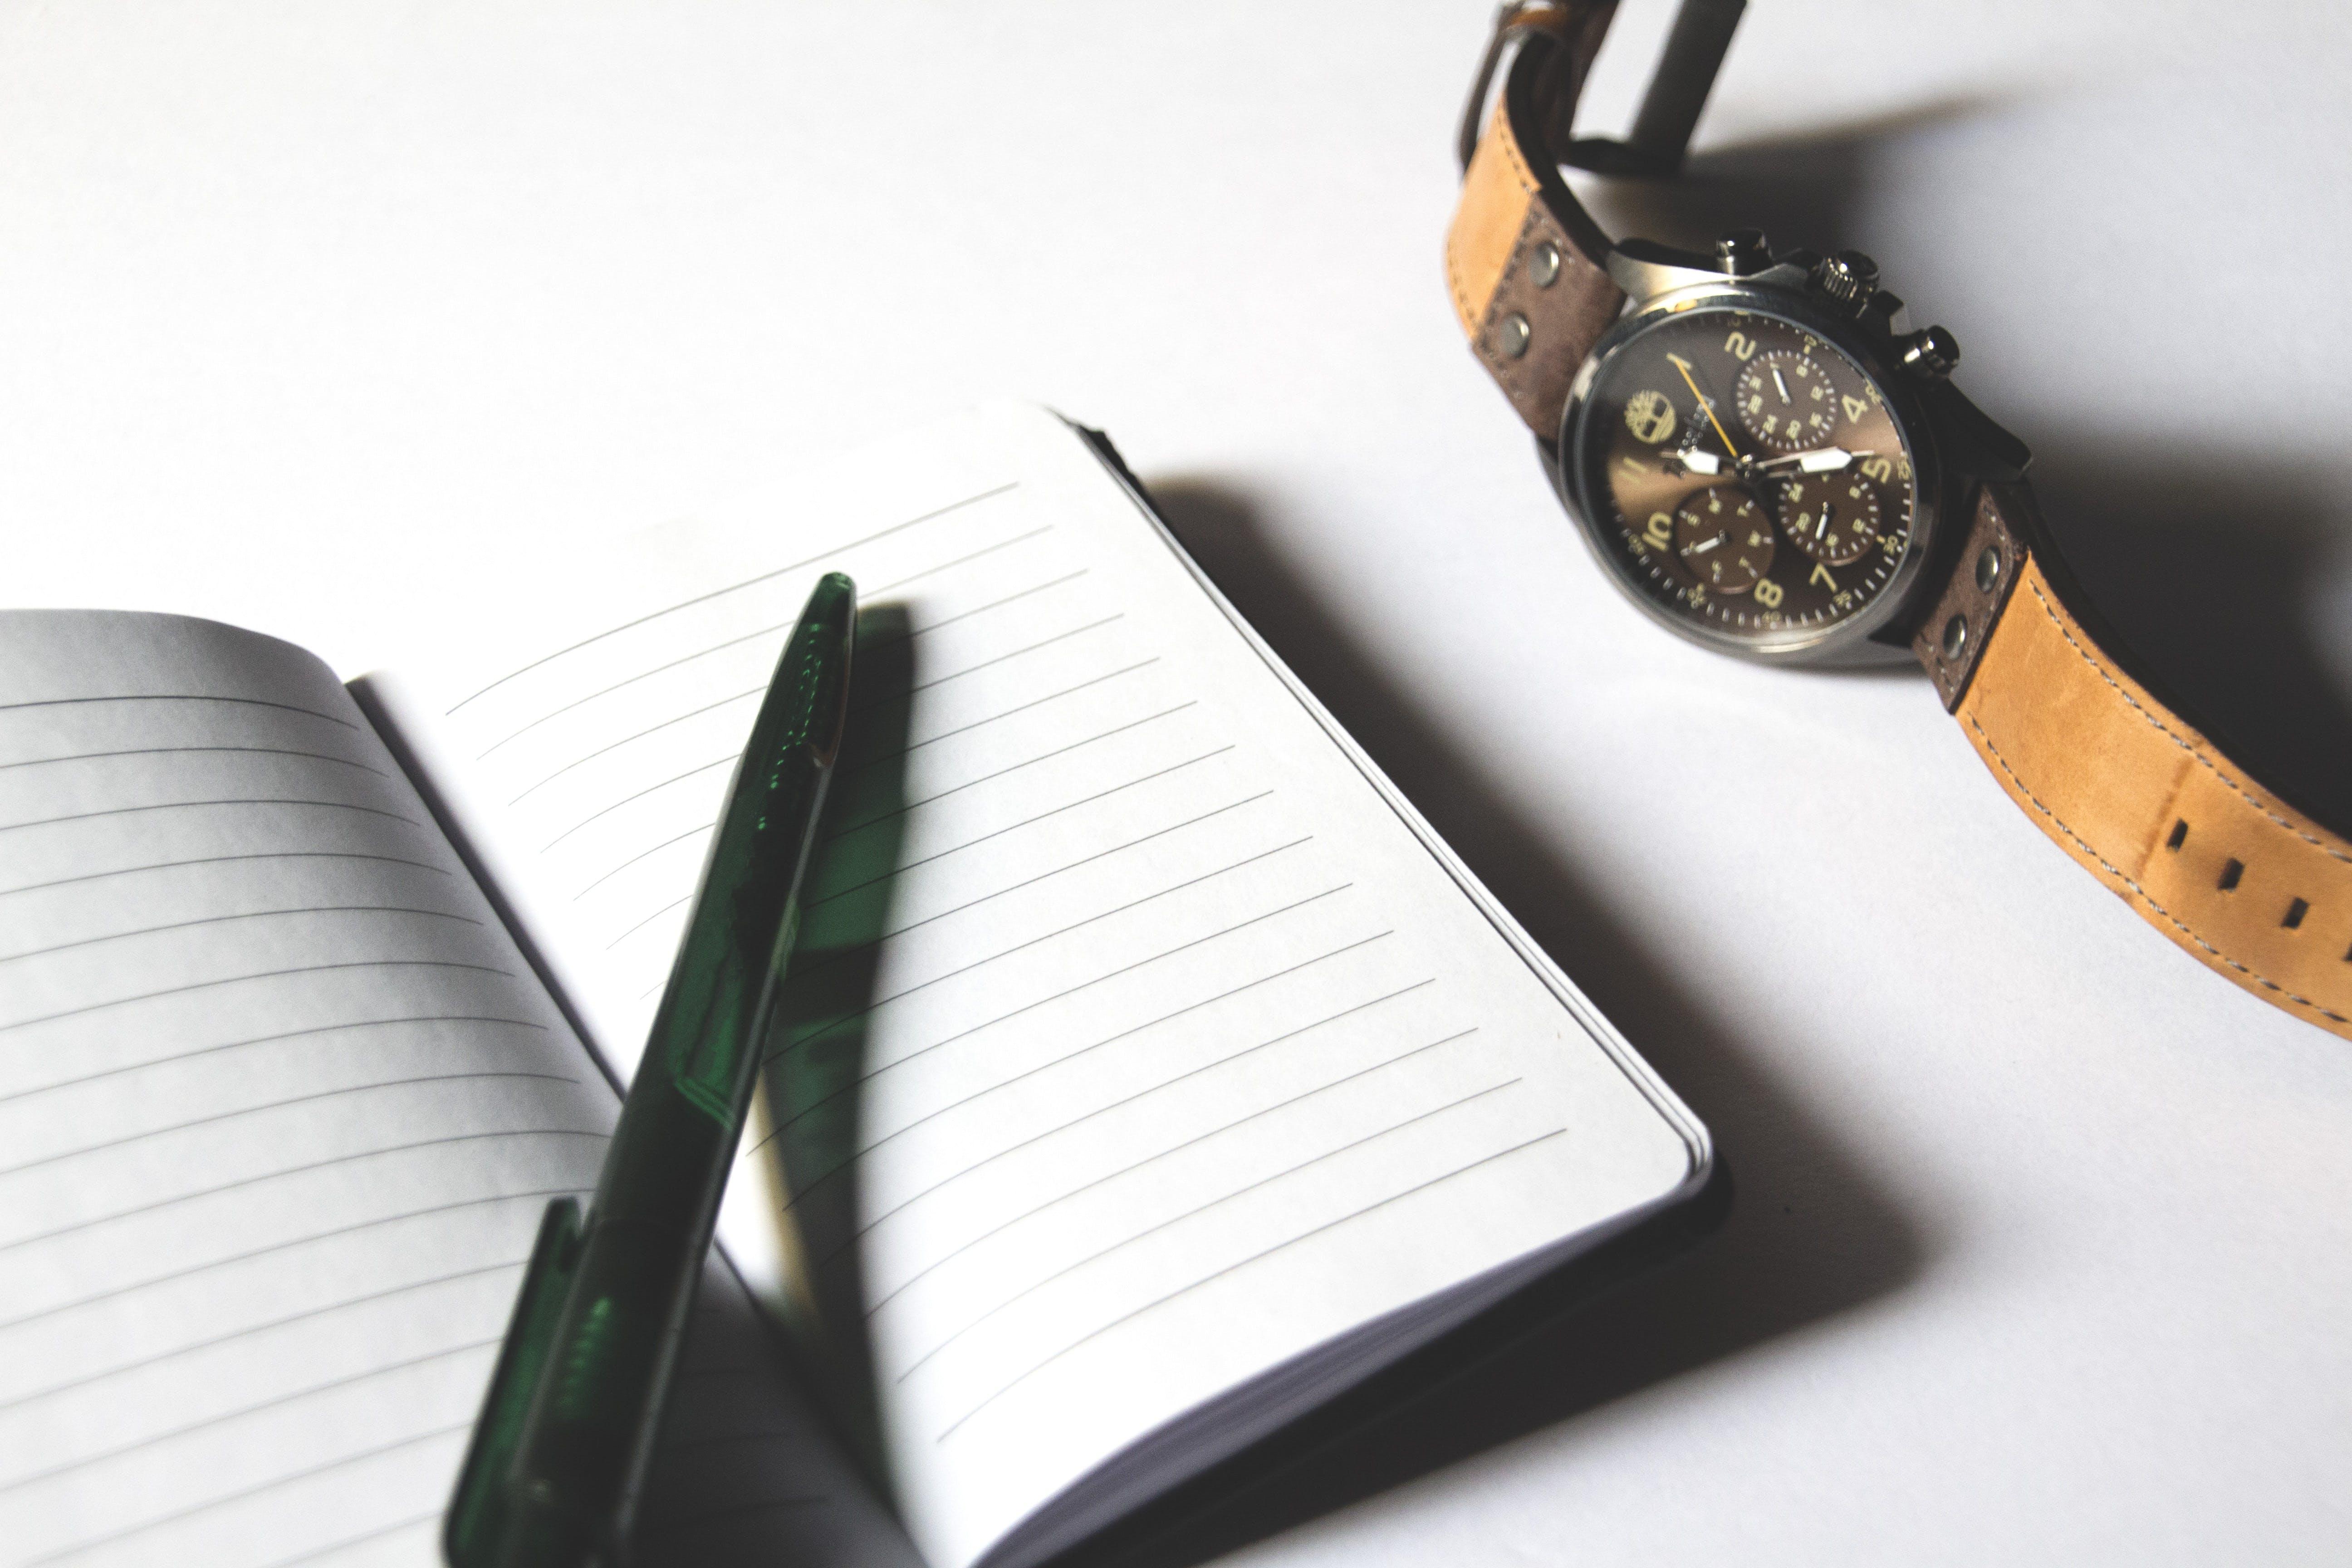 arbejde, dagbog, dokument